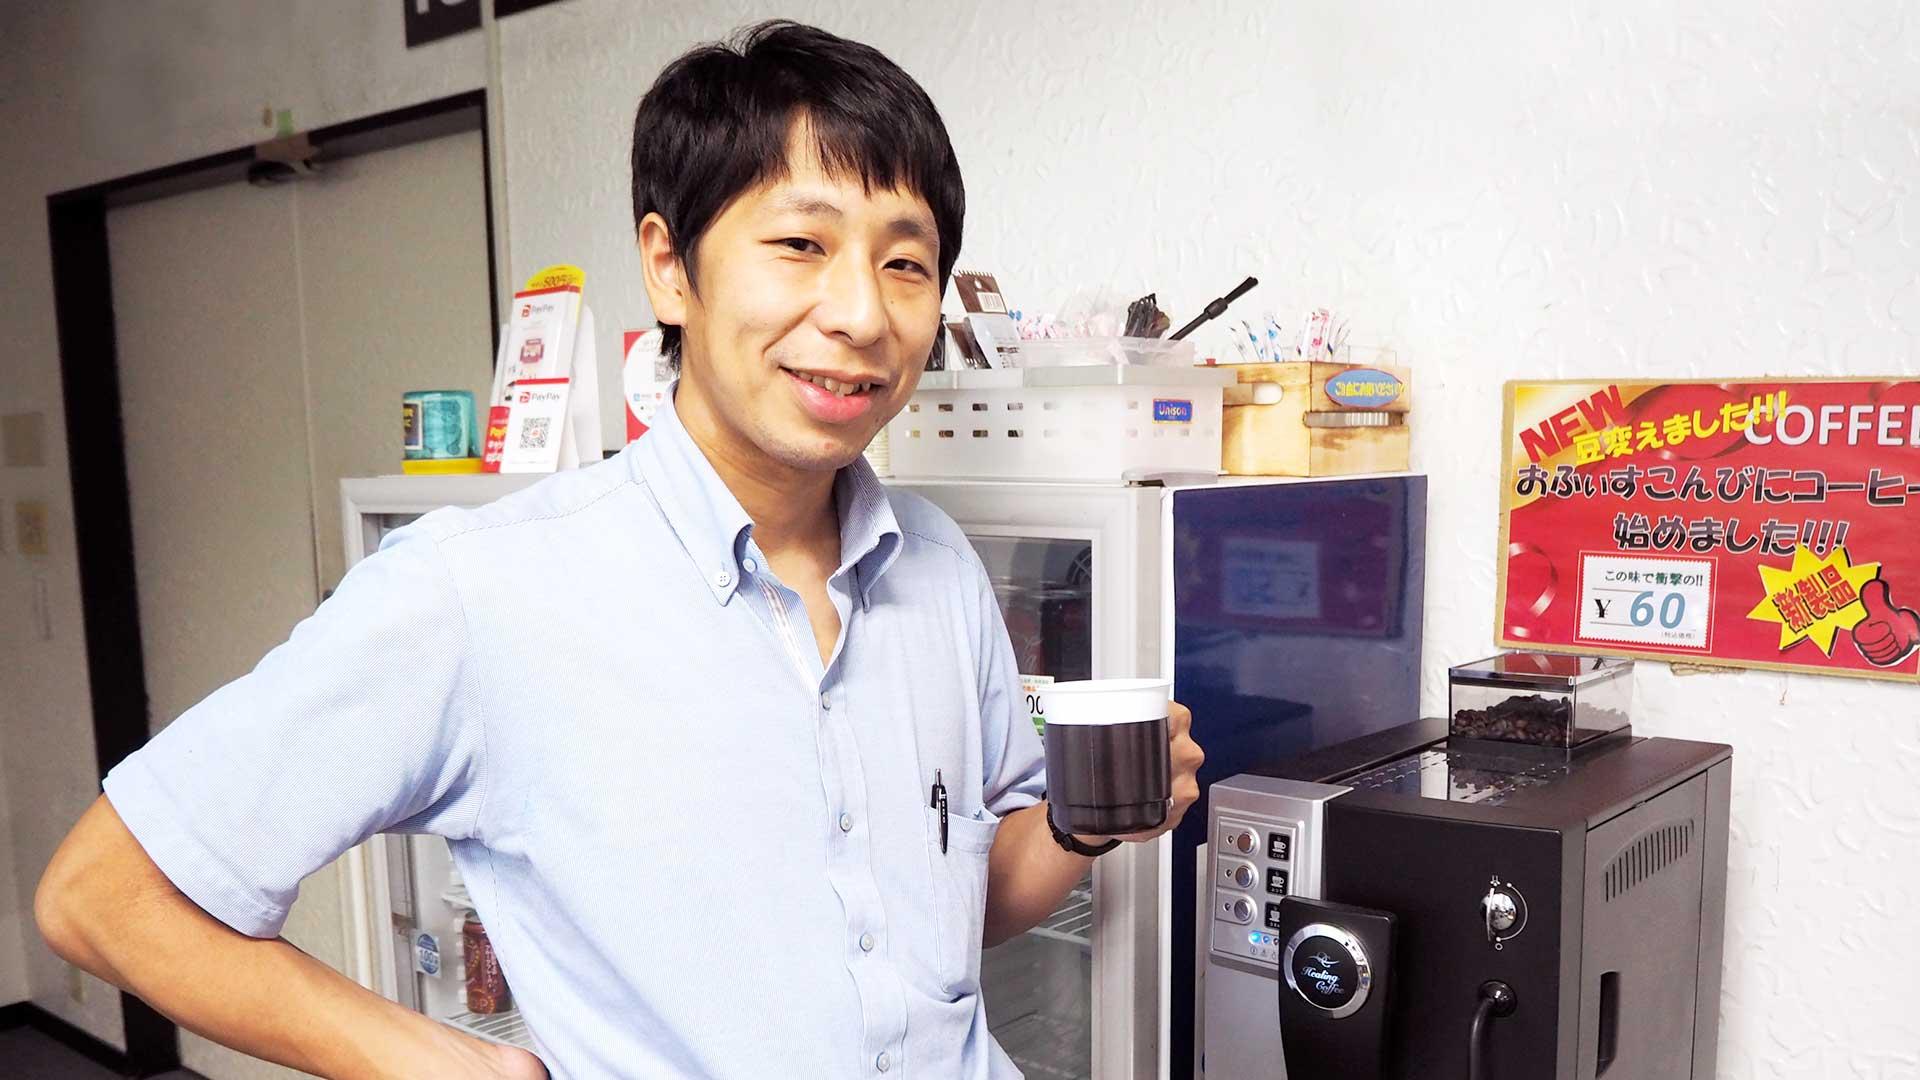 【おふぃすこんびにお客様の声】スペシャルティコーヒーご愛飲のT様インタビュー